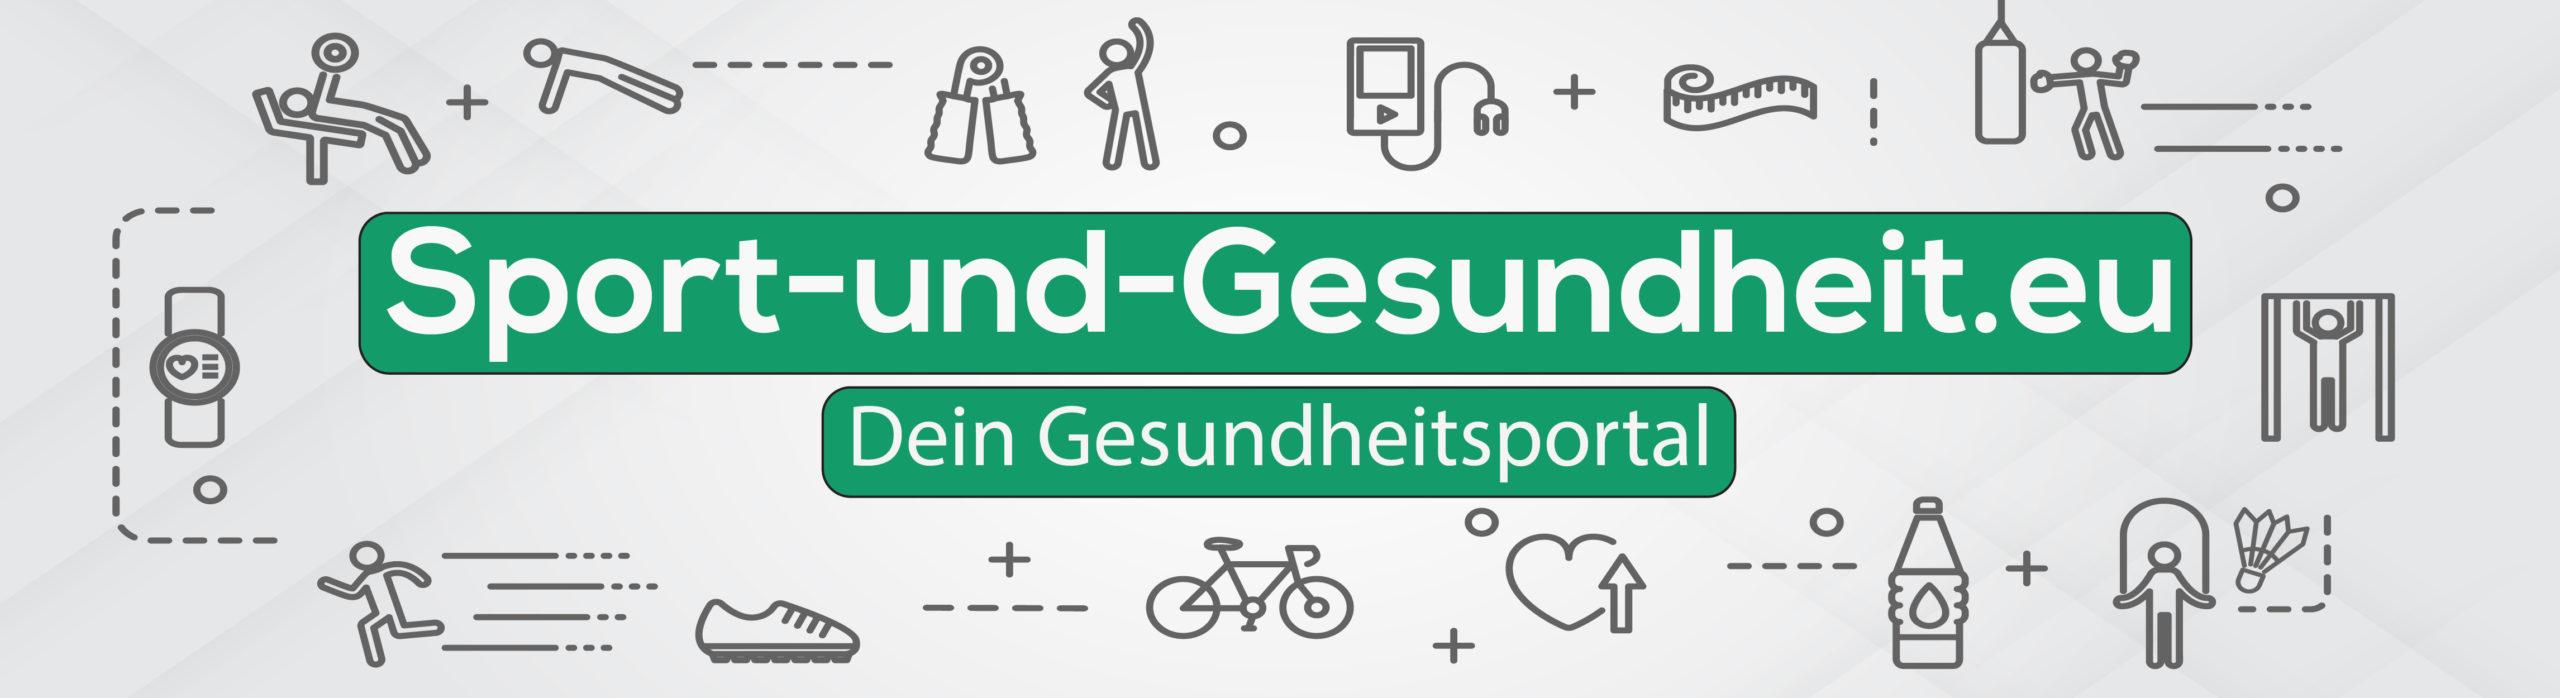 Sport-und-Gesundheit.de Banner